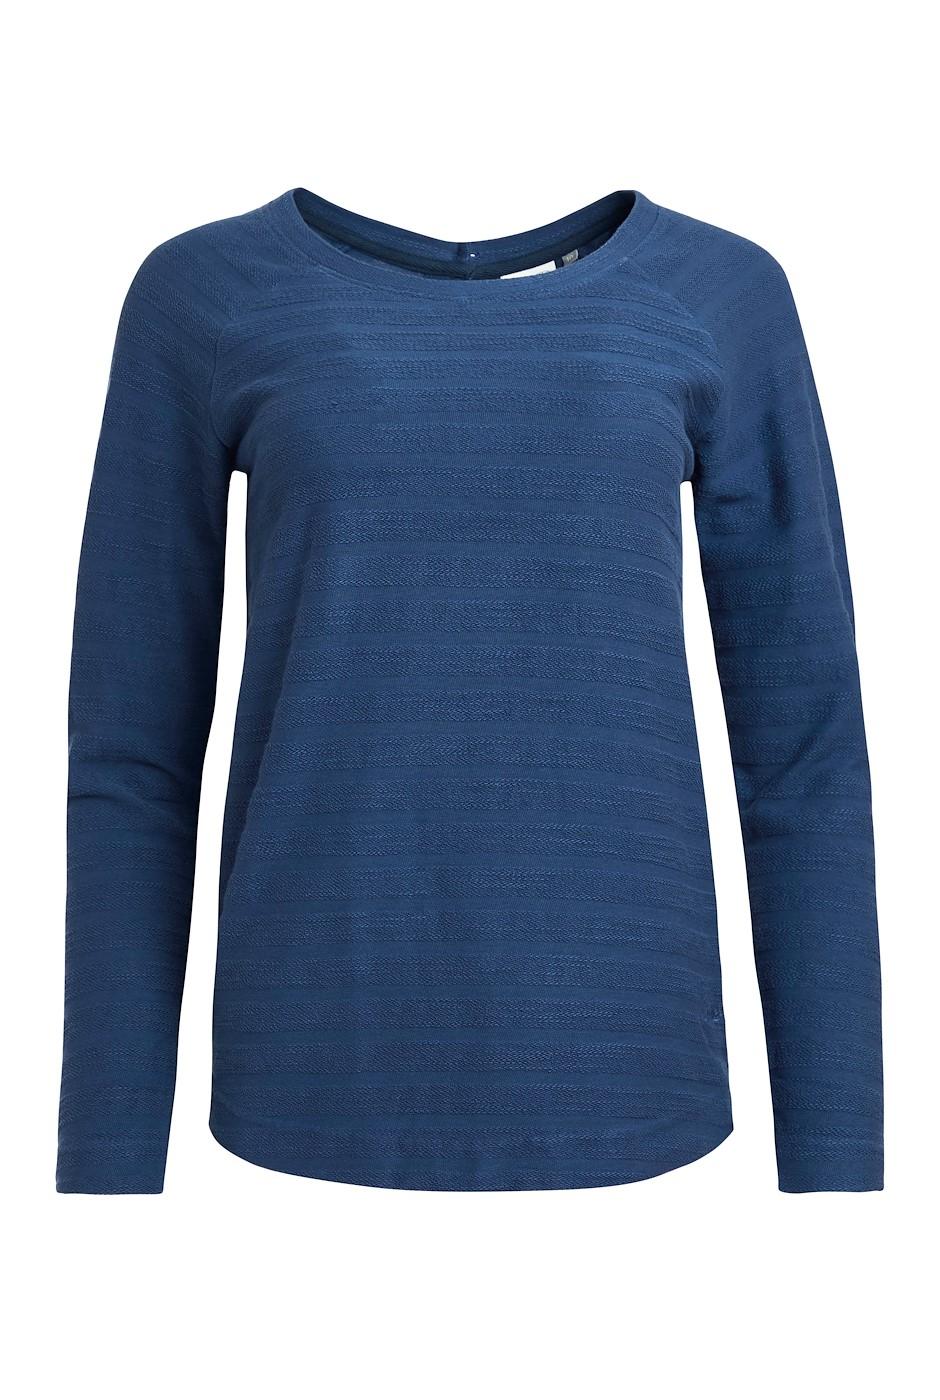 Monsaraz Crew Neck Sweatshirt Ensign Blue